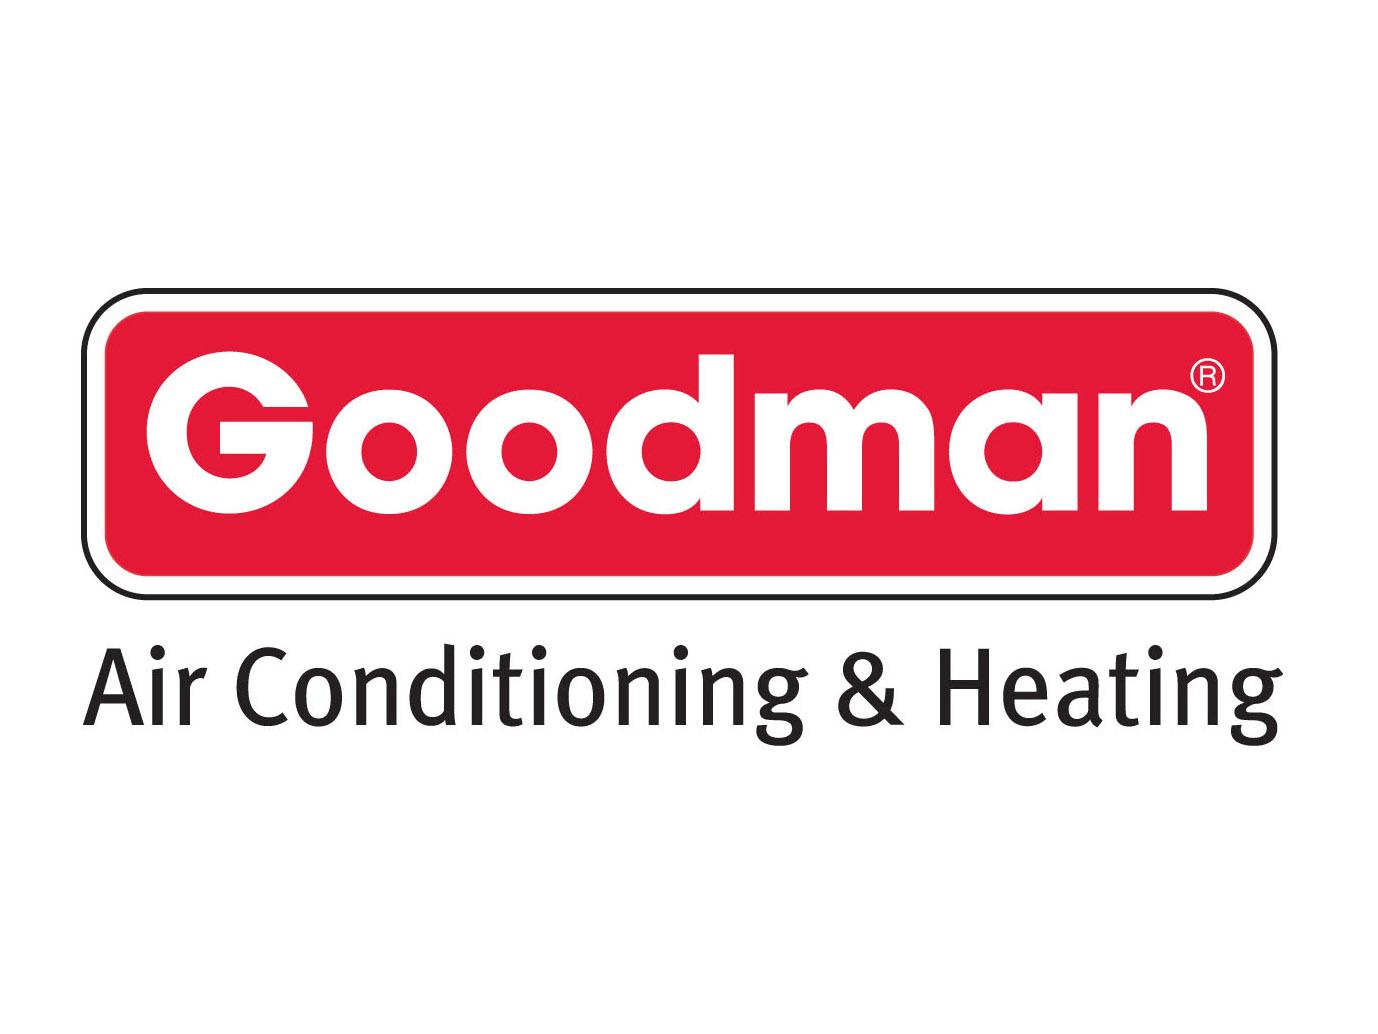 Goodman 2018.jpg